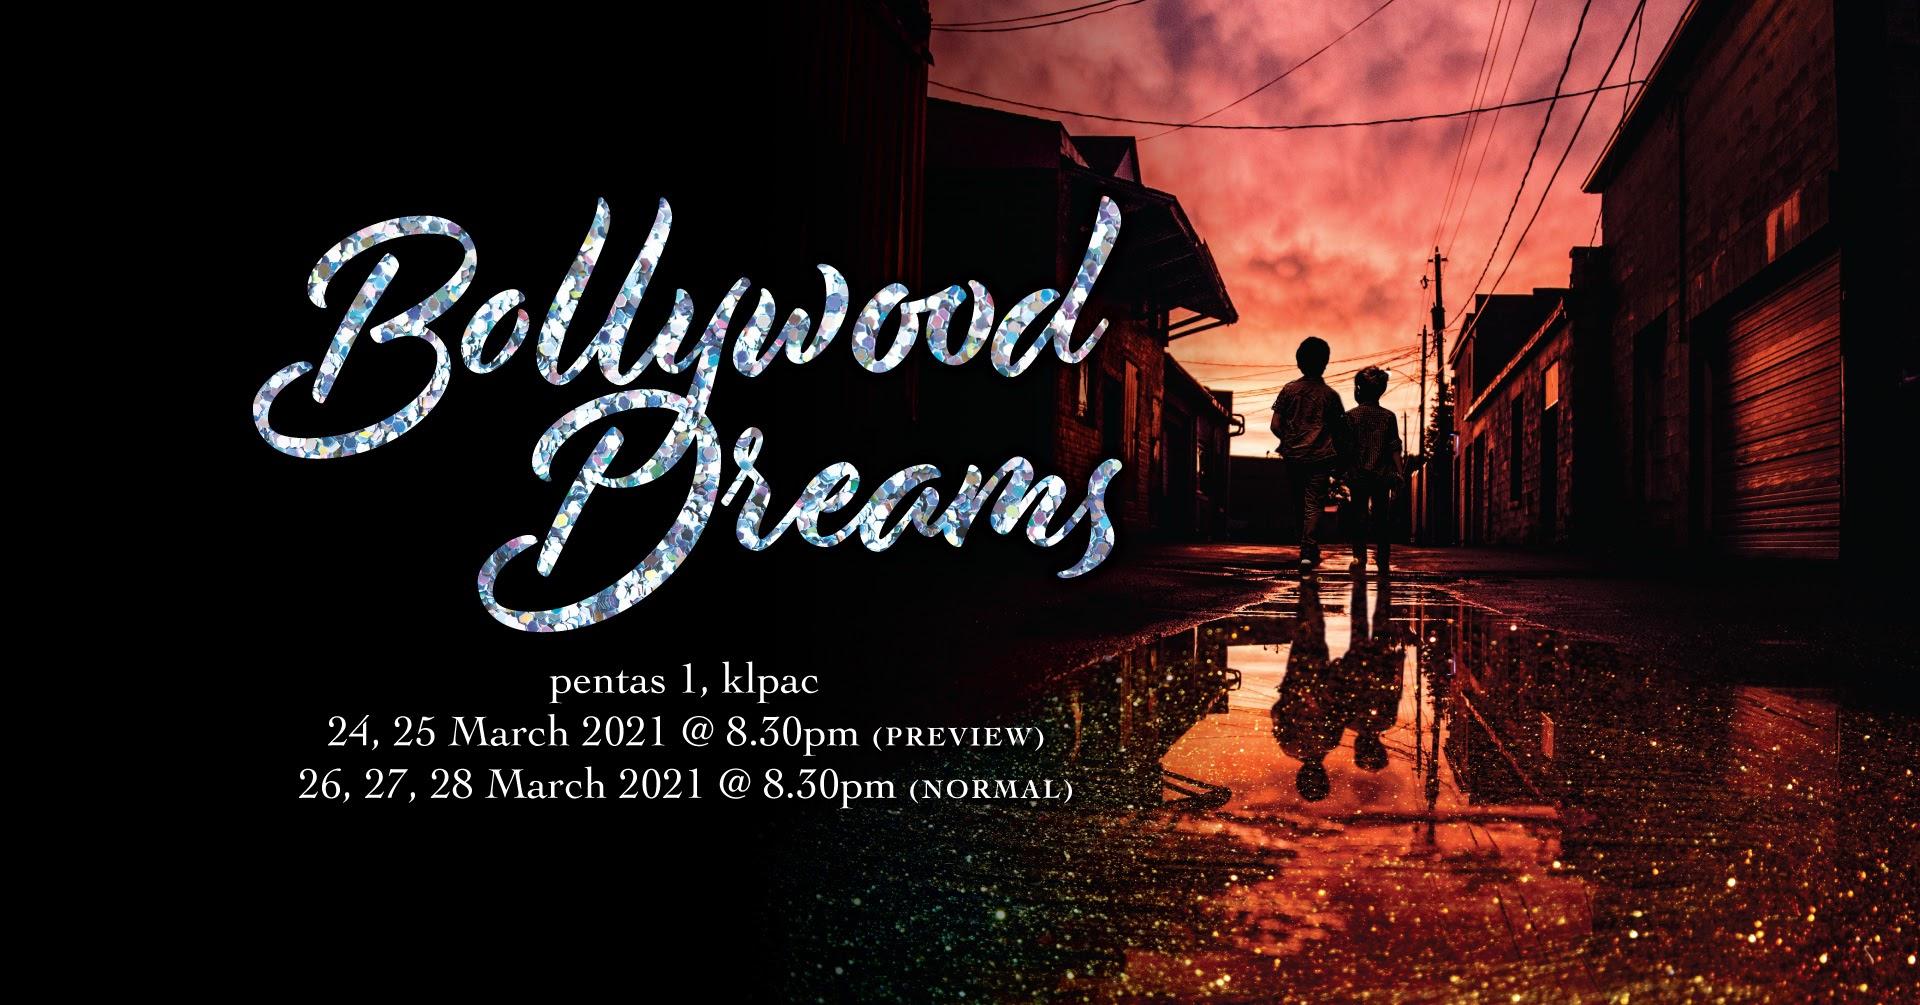 《宝莱坞梦》将于3月24起至3月28日在吉隆坡表演艺术中心隆重上演!-图由吉隆坡表演艺术中心(KLPac)提供-